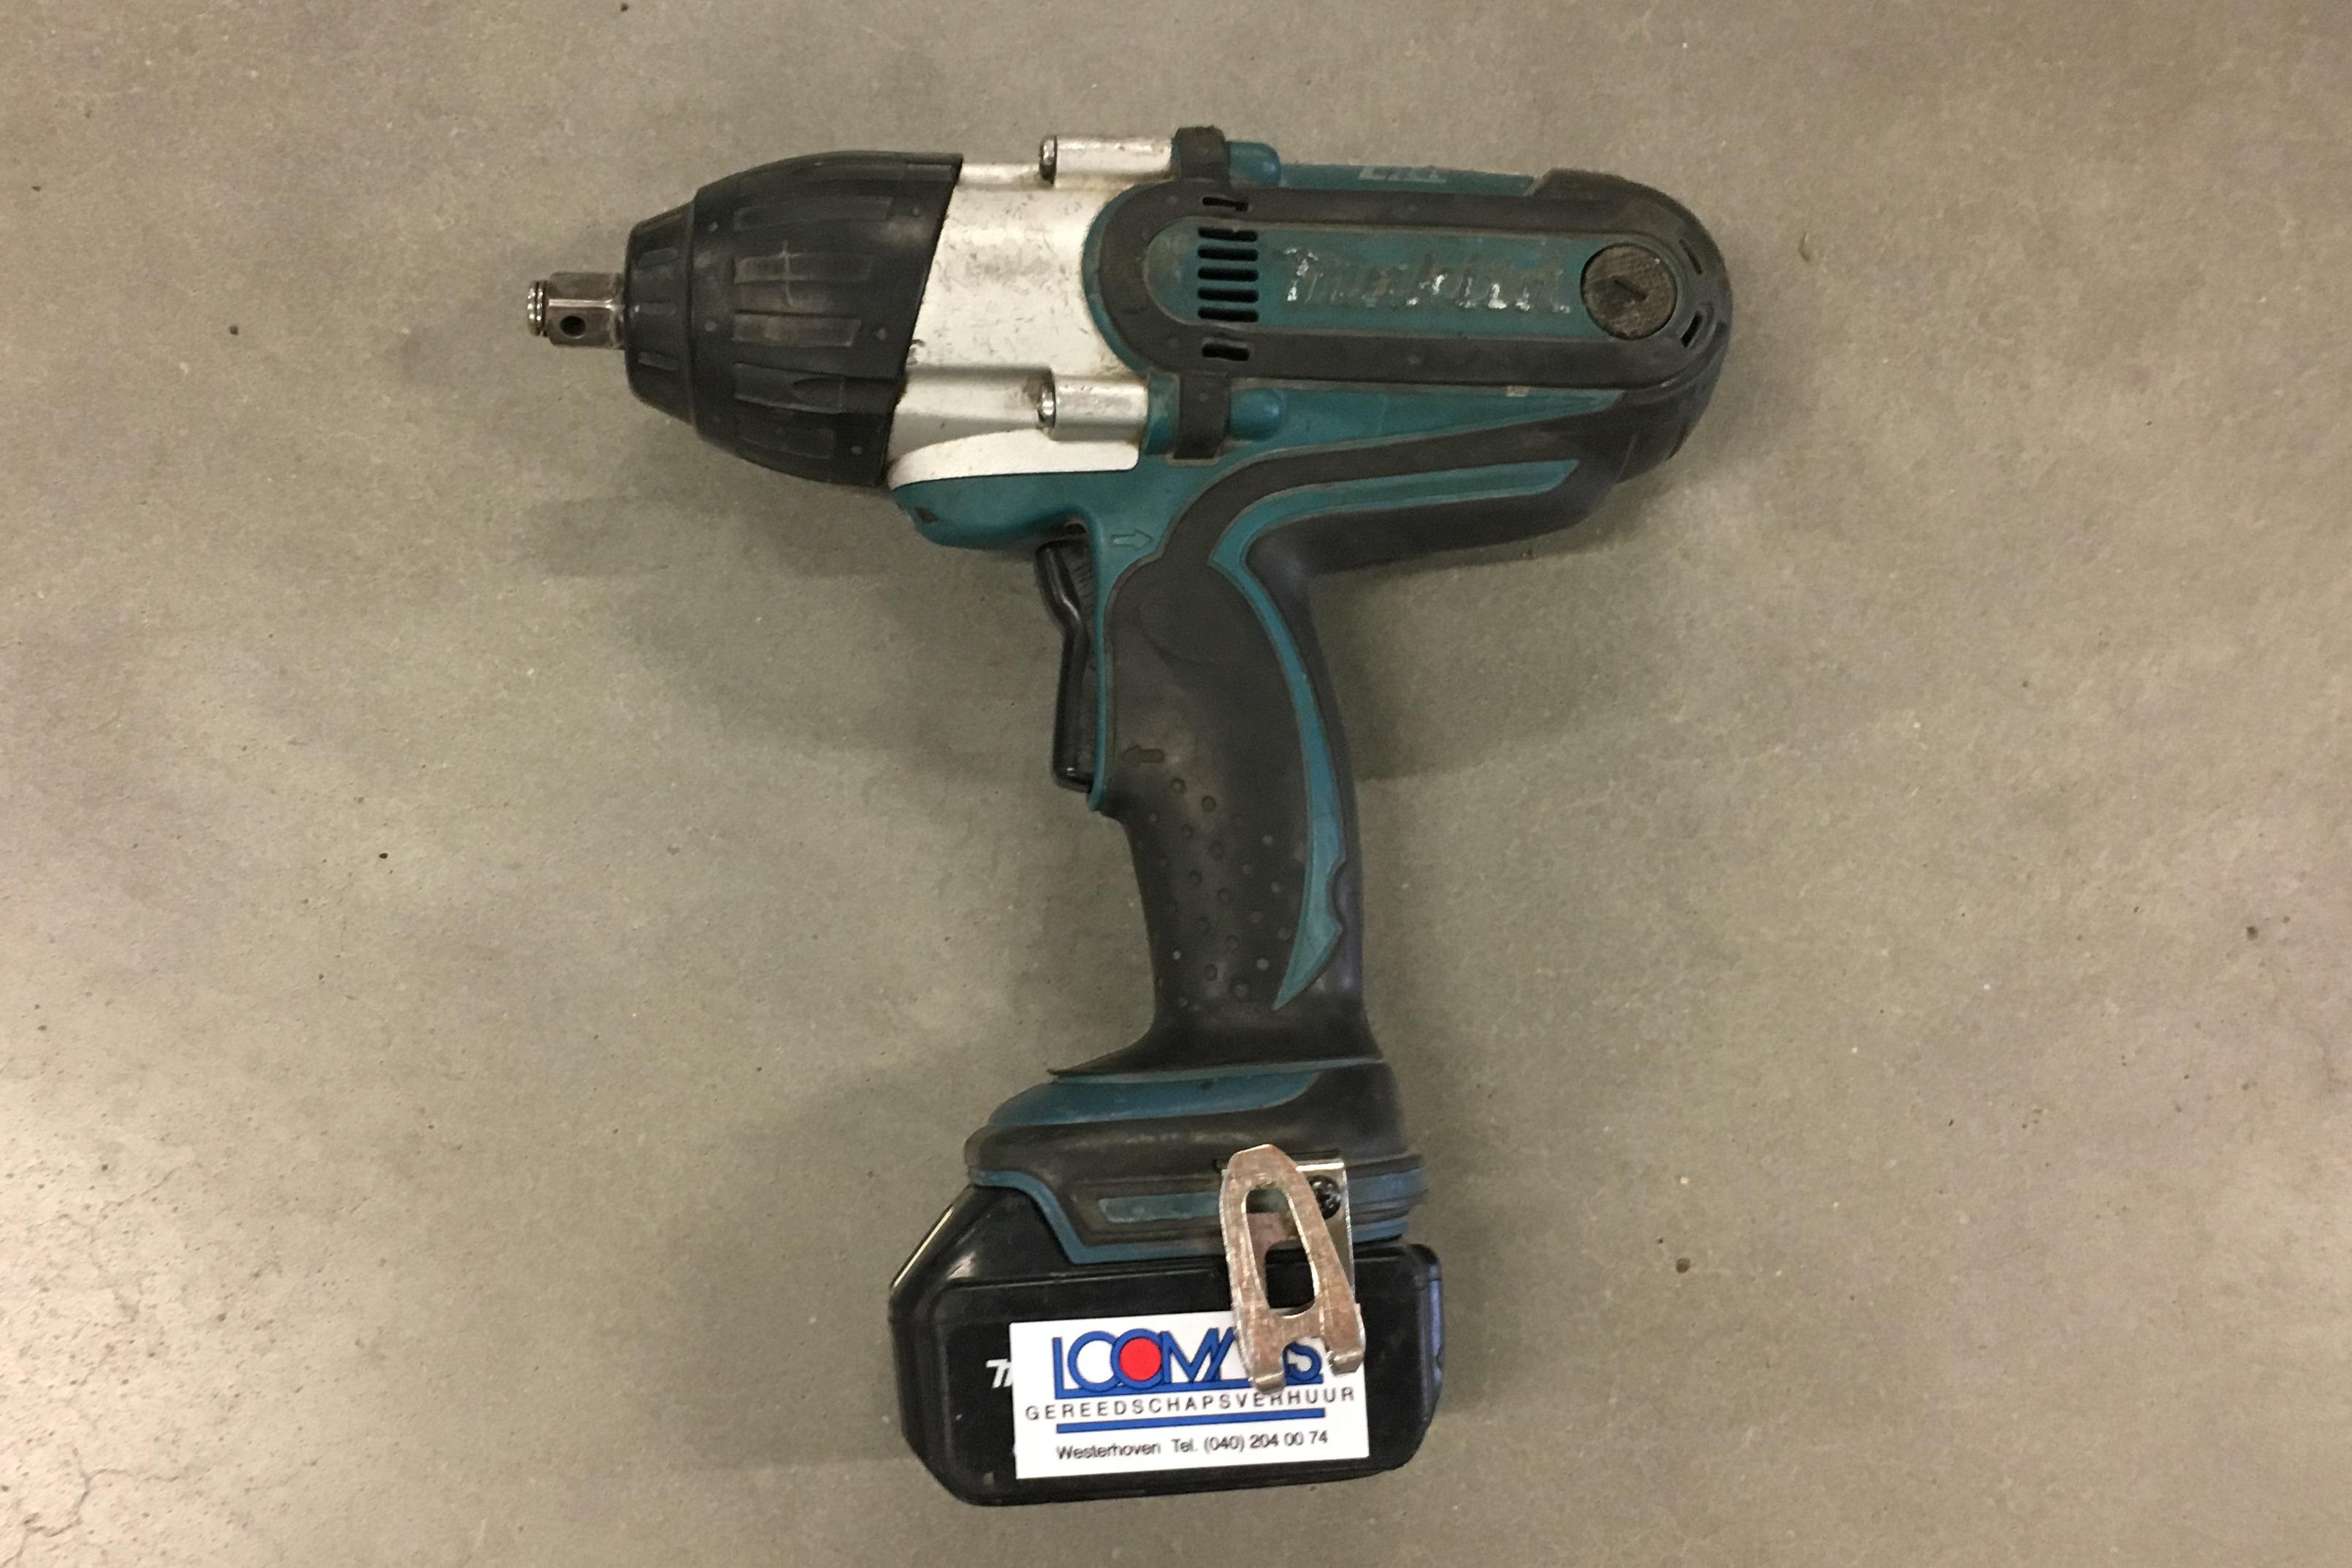 Slagmoersleutel 440 Nm 18 V